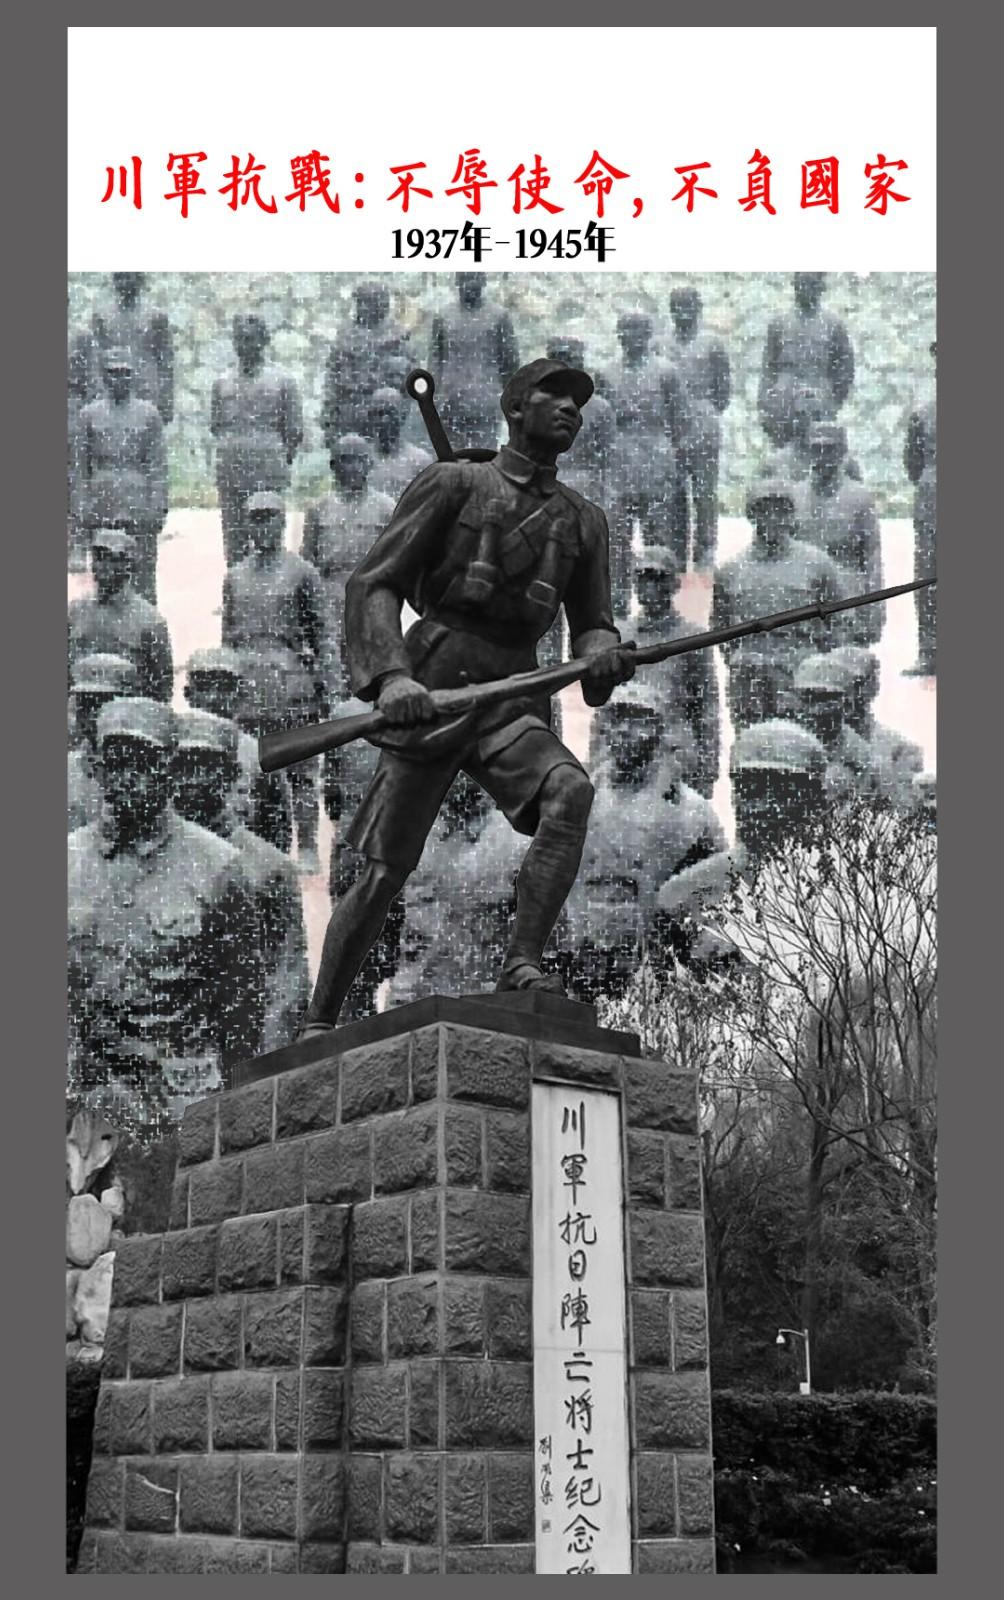 【龙门阵】转|川军抗战:不辱使命,不负国